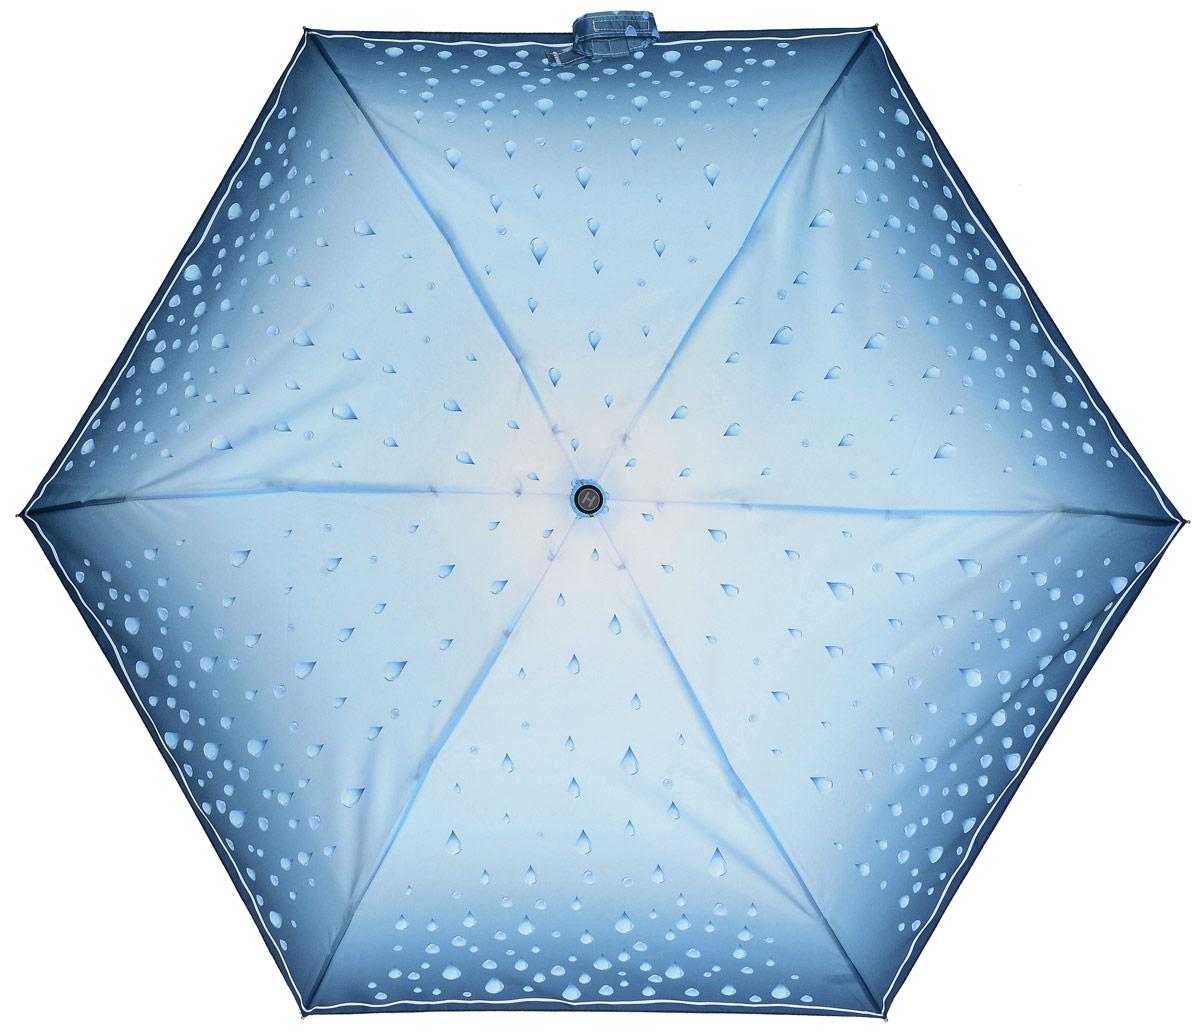 Зонт женский Henry Backer, 5 сложений, цвет: голубой. U34202 Rain drops191I-1714Легкий женский зонт «Капли дождя», голубой, механика Рукоять выполнена из нескользящего комфортного для ладони материала, ветроустойчивый каркас сделан из алюминия и фибергласса.